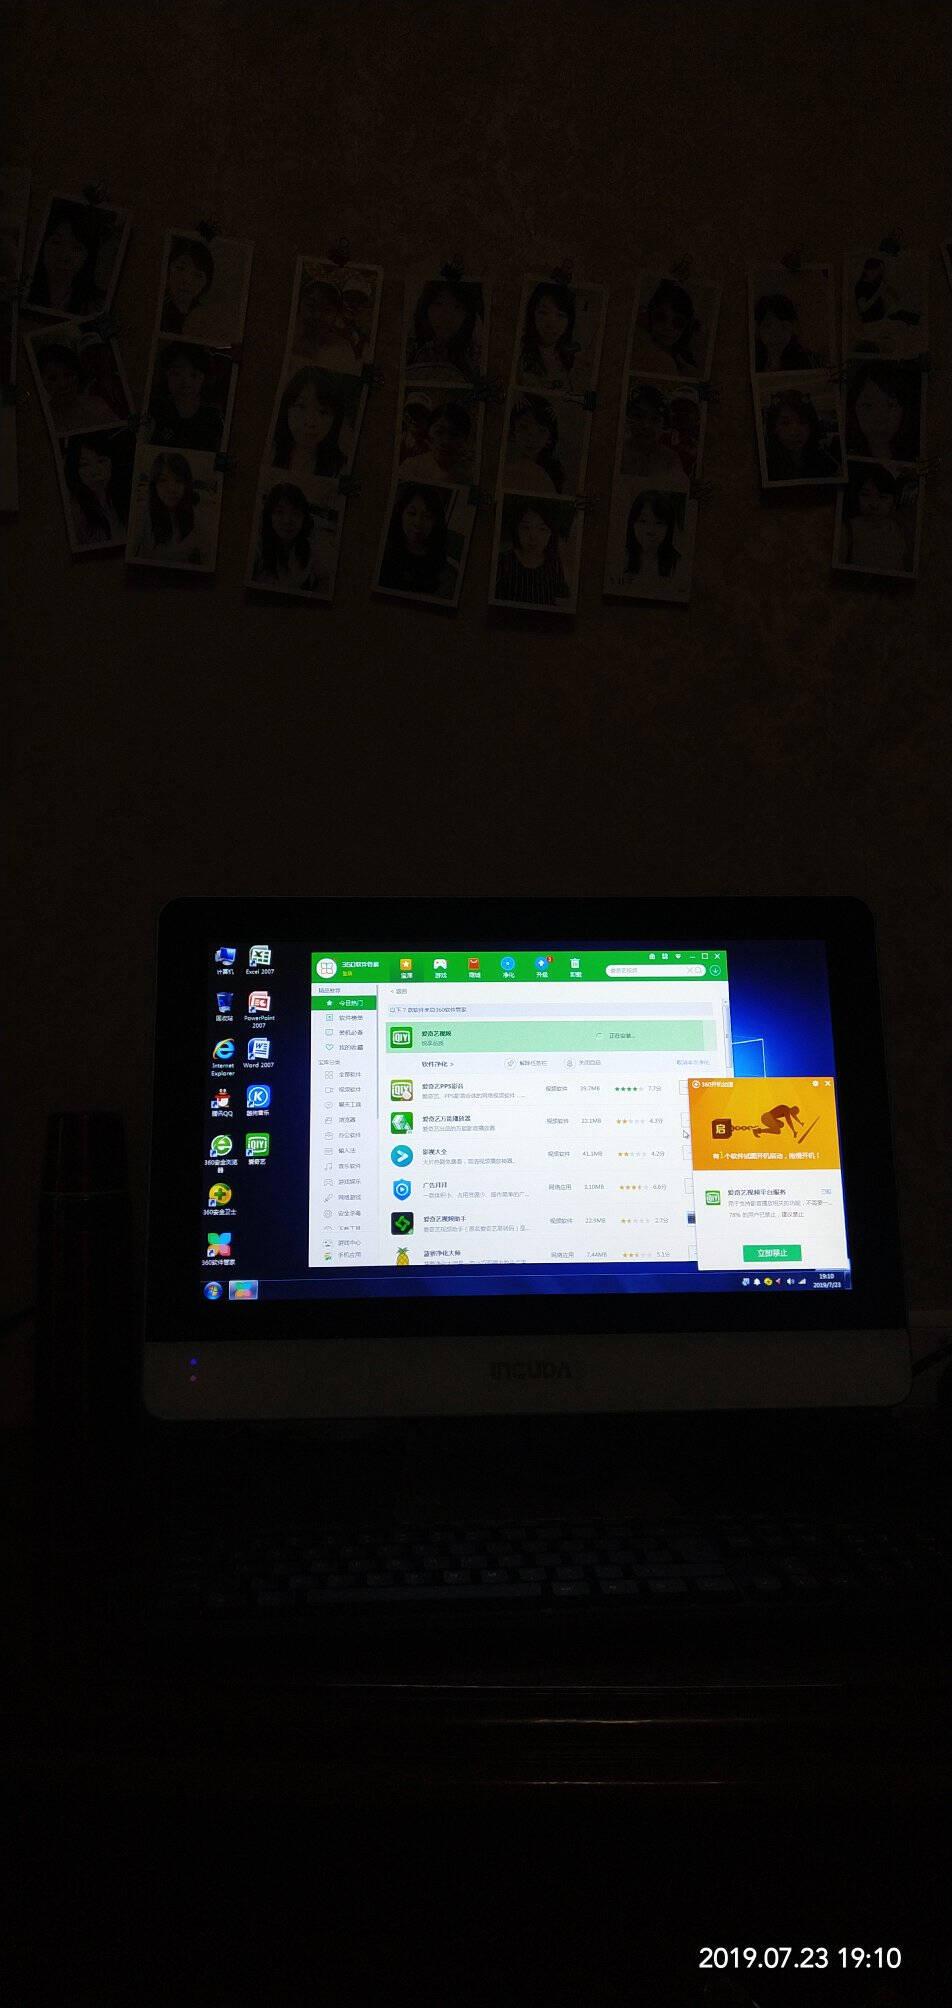 英酷达一体机电脑四核酷睿I3I5I7超薄商务办公家用娱乐游戏设计触摸屏台式整机AIOPC套餐二:21.5微边/四核A6/8G/128G固态